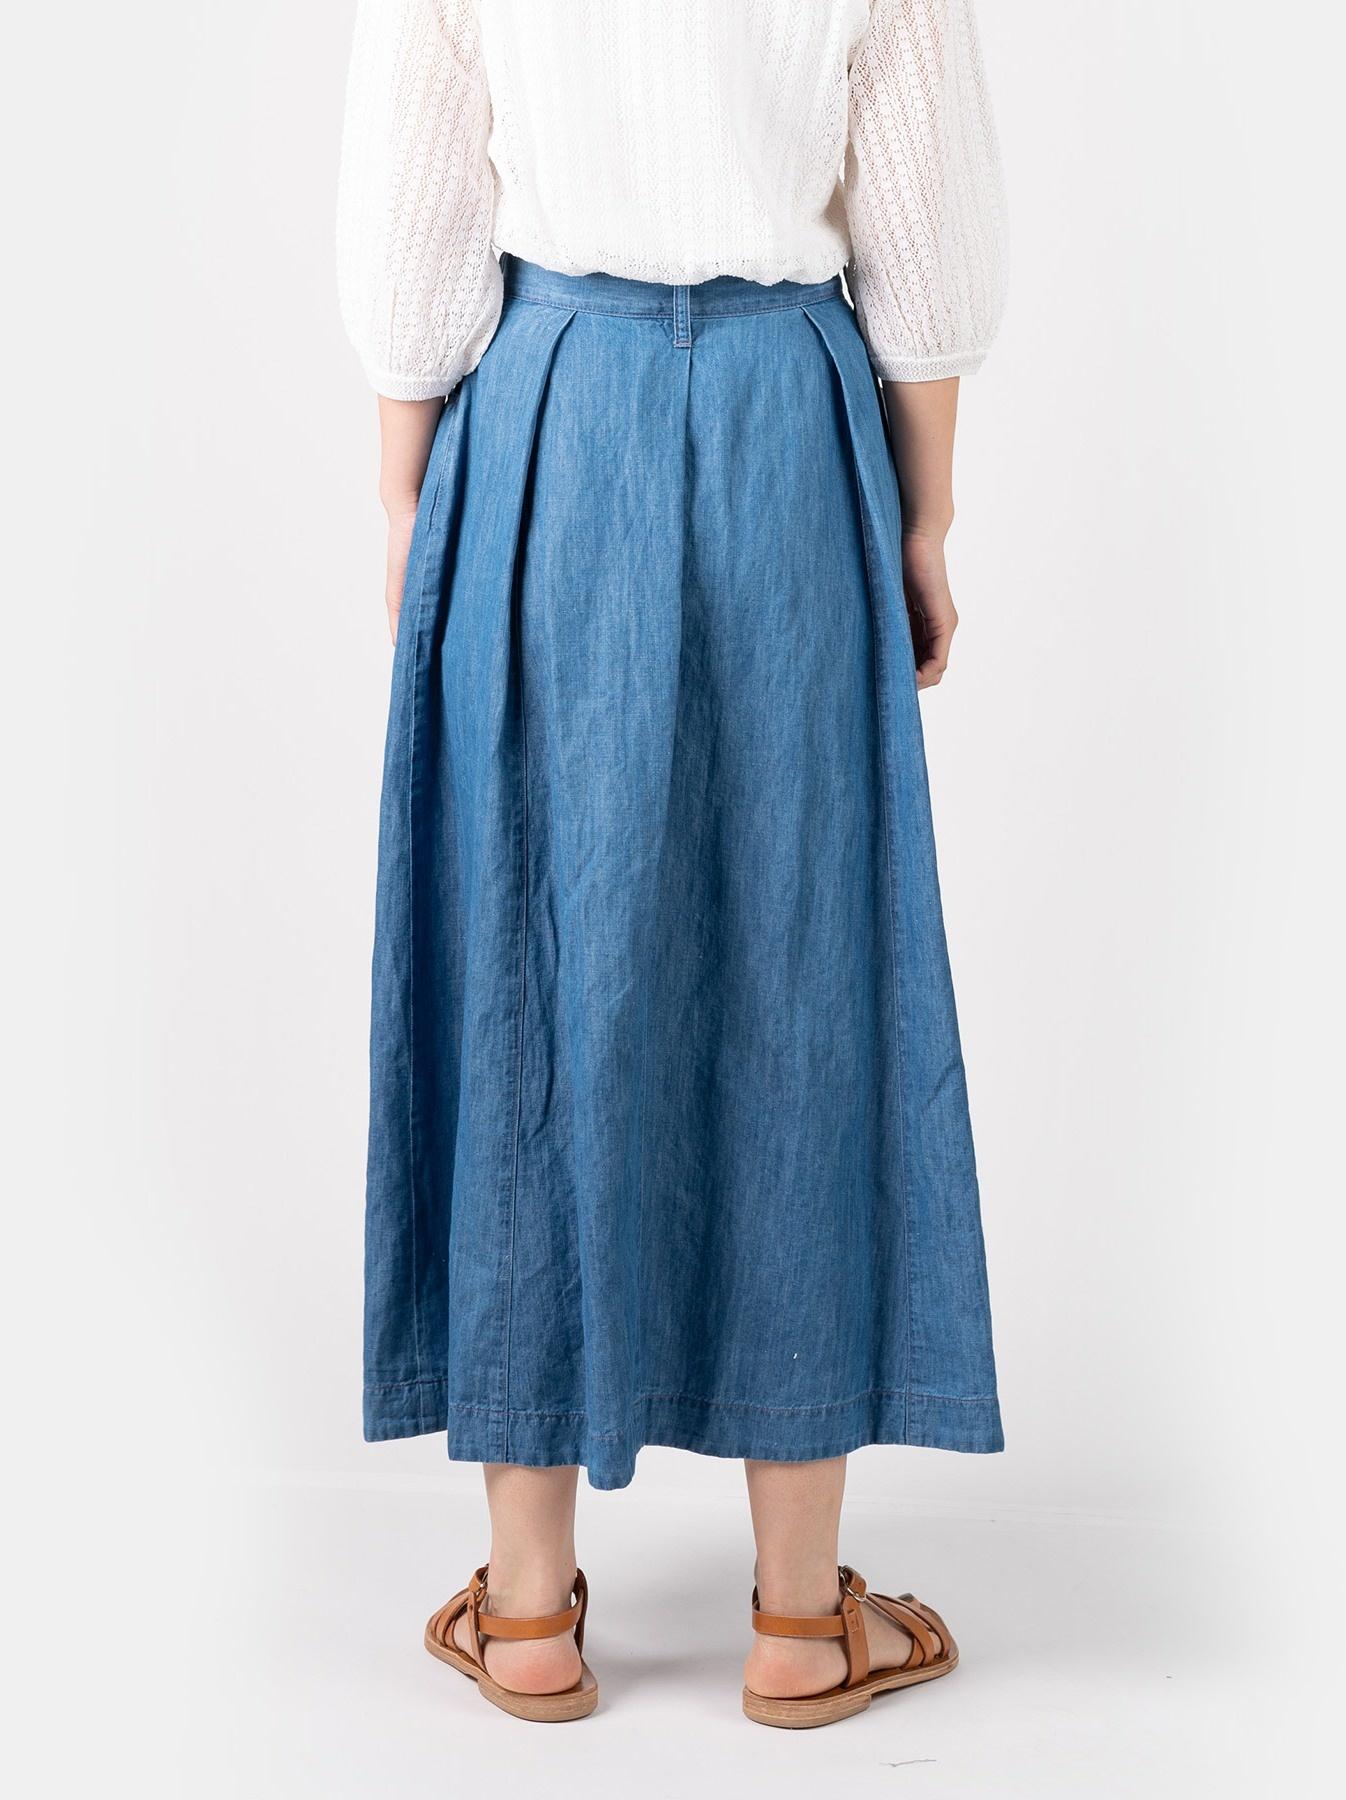 WH Cotton Linen Mon-petit Skirt-5